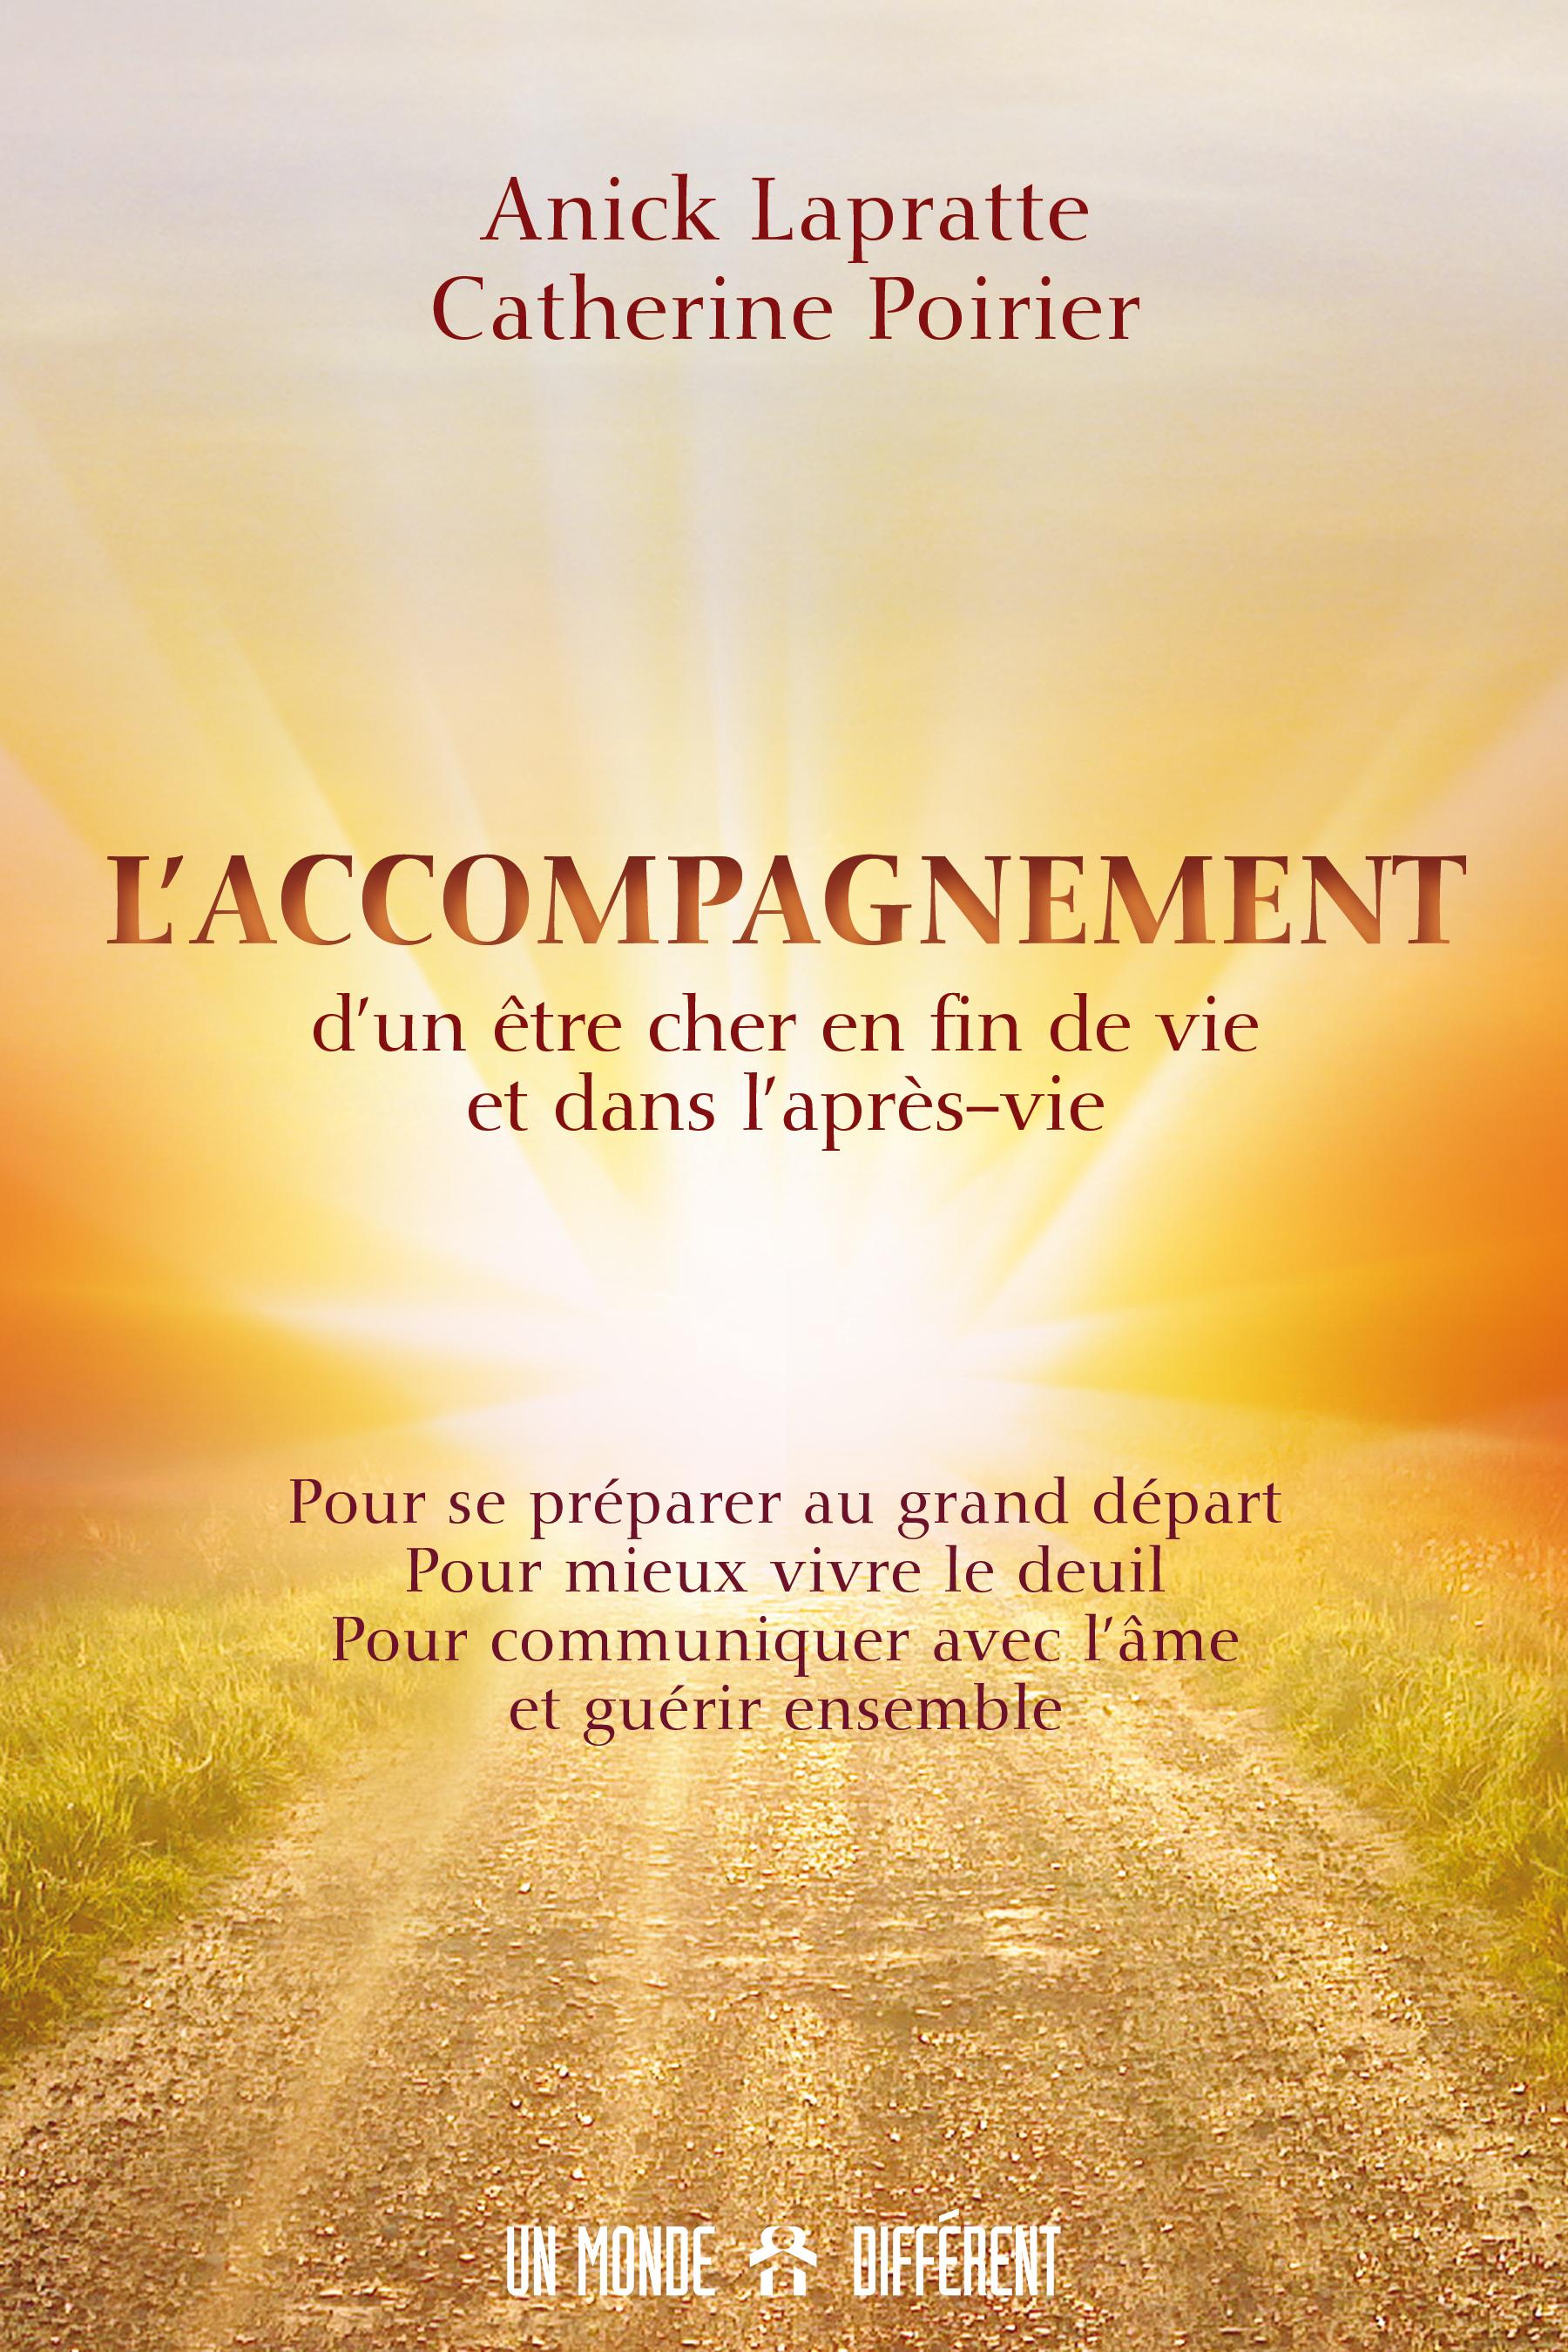 ACCOMPAGNEMENT D'UN ÊTRE CHER EN FIN DE VIE ET DANS L'APRÈS VIE